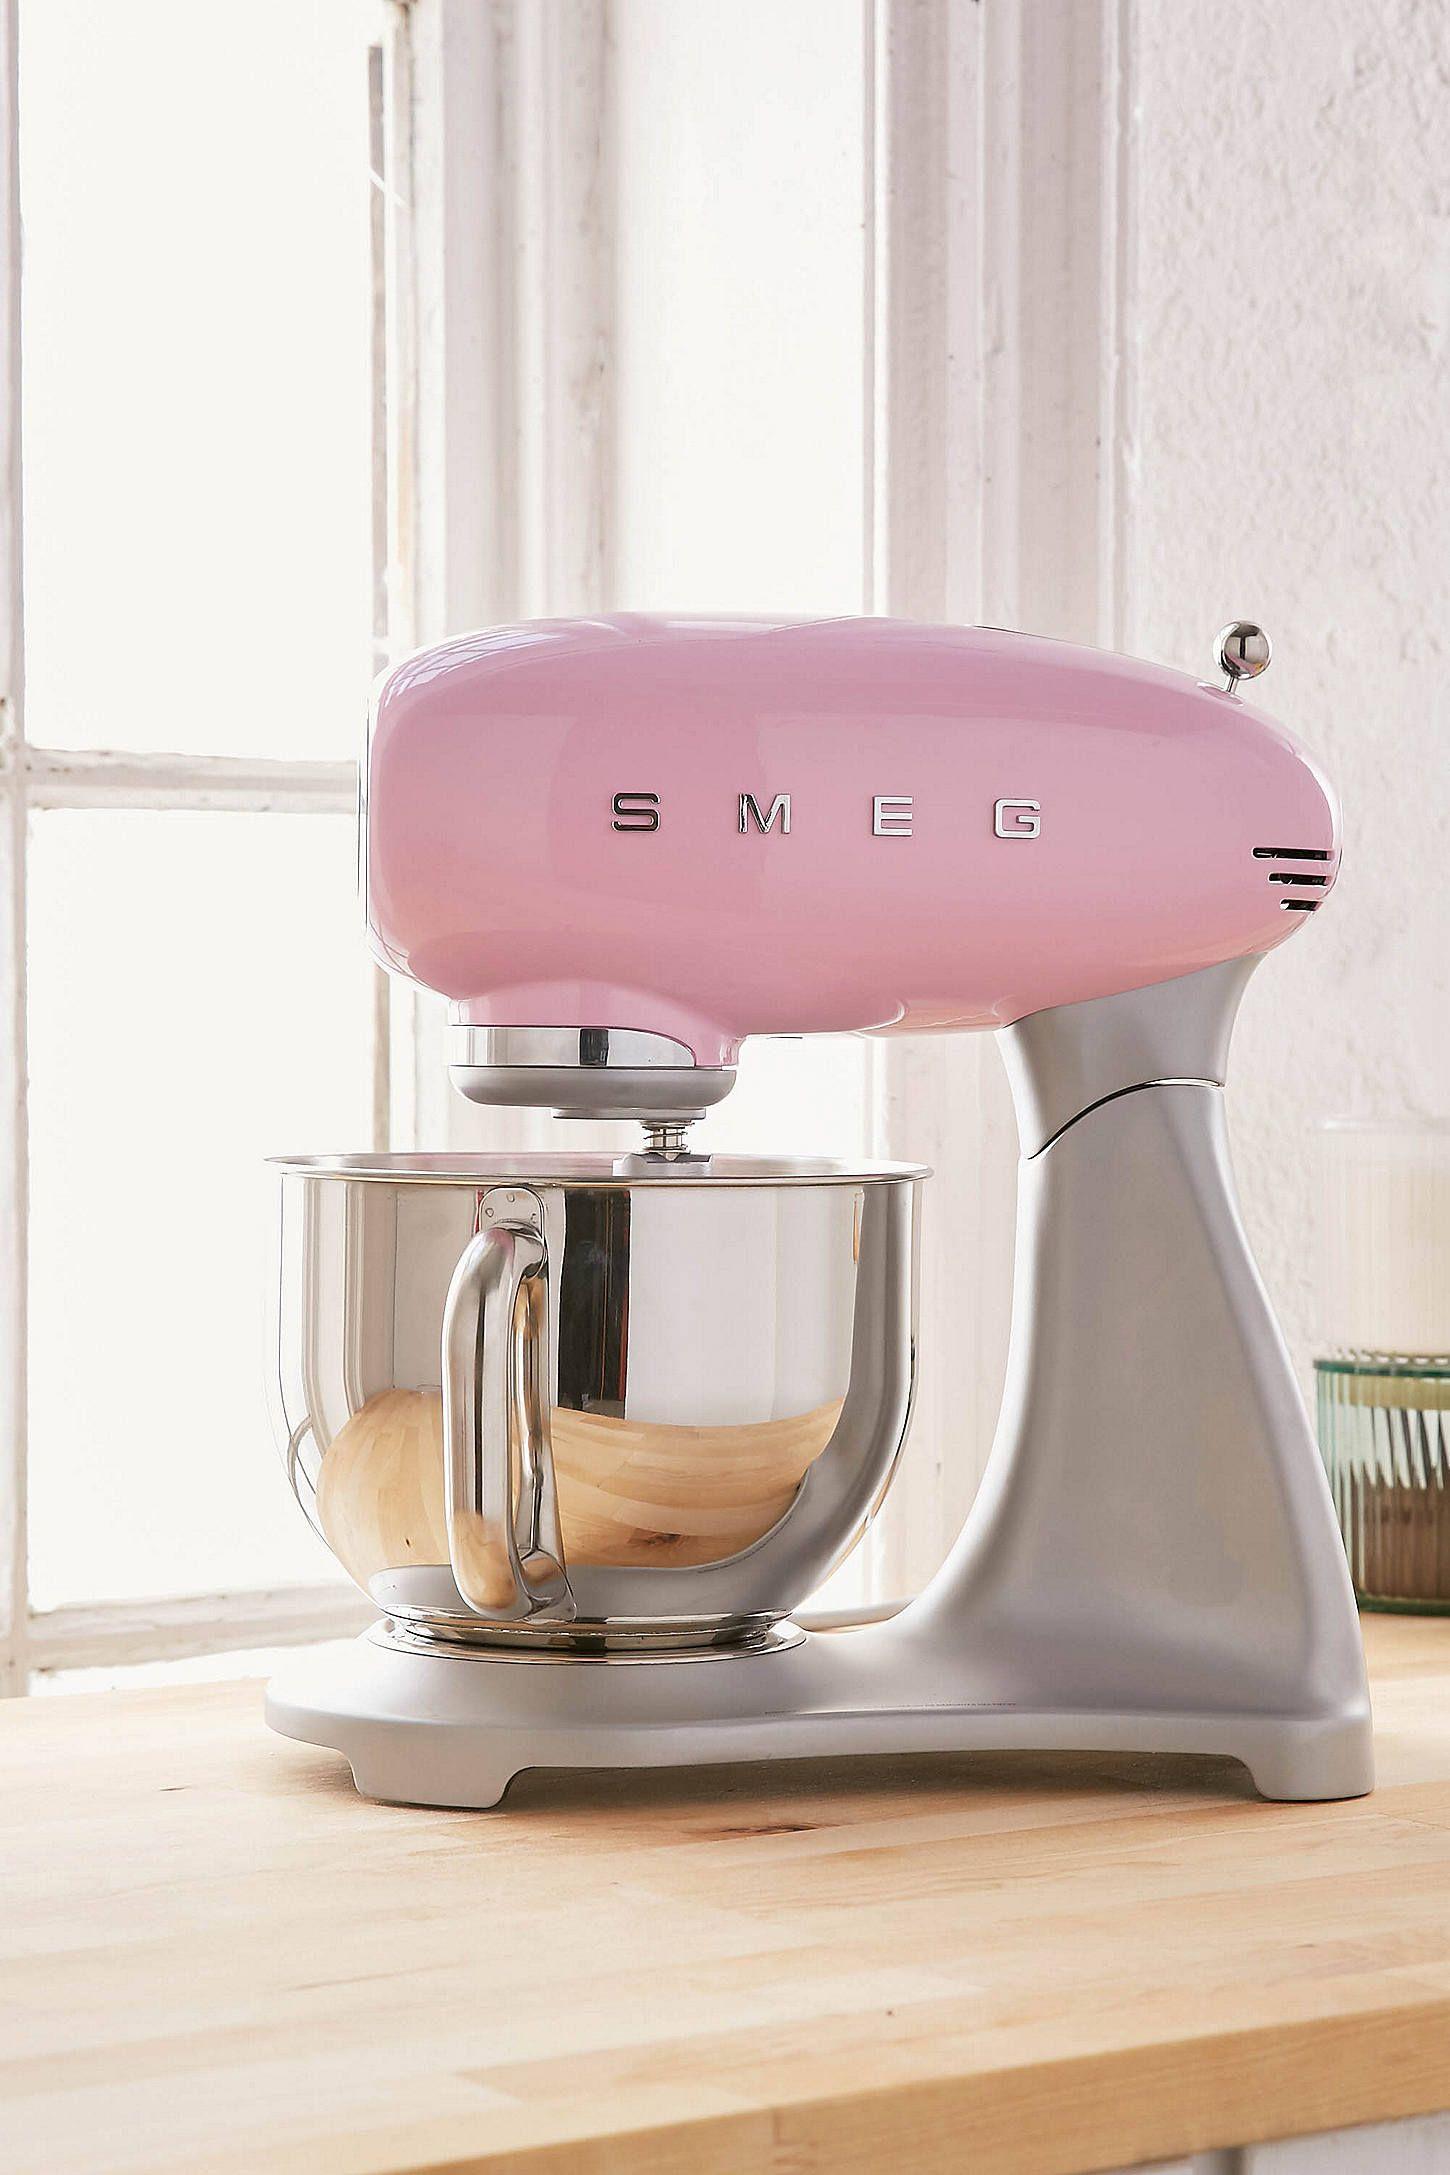 Smeg standing mixer itens de cozinha aparelhos de